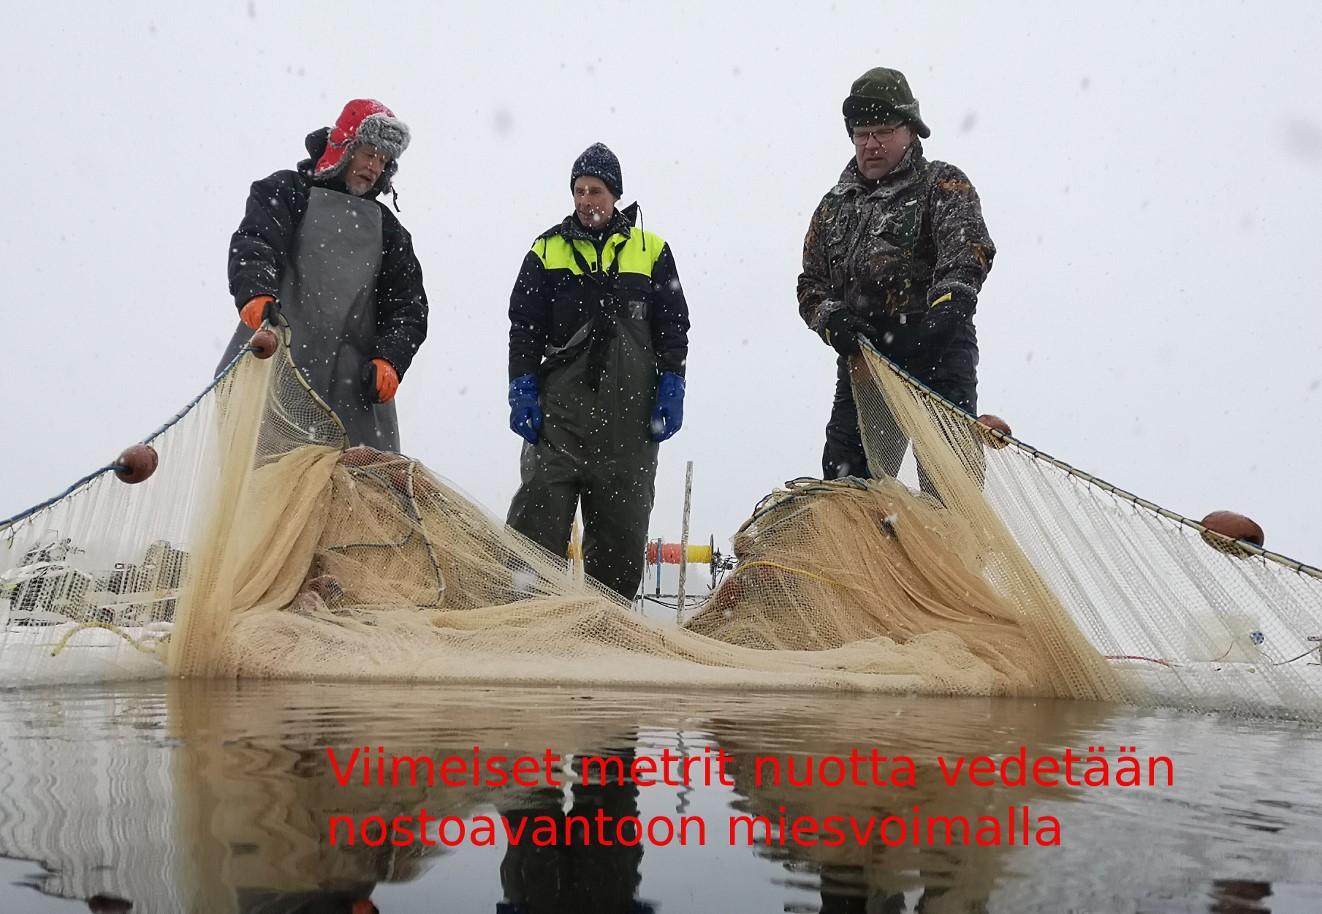 Ammattimiehet asialla – muikun talvinuottausta Jäppilän Syvänsillä